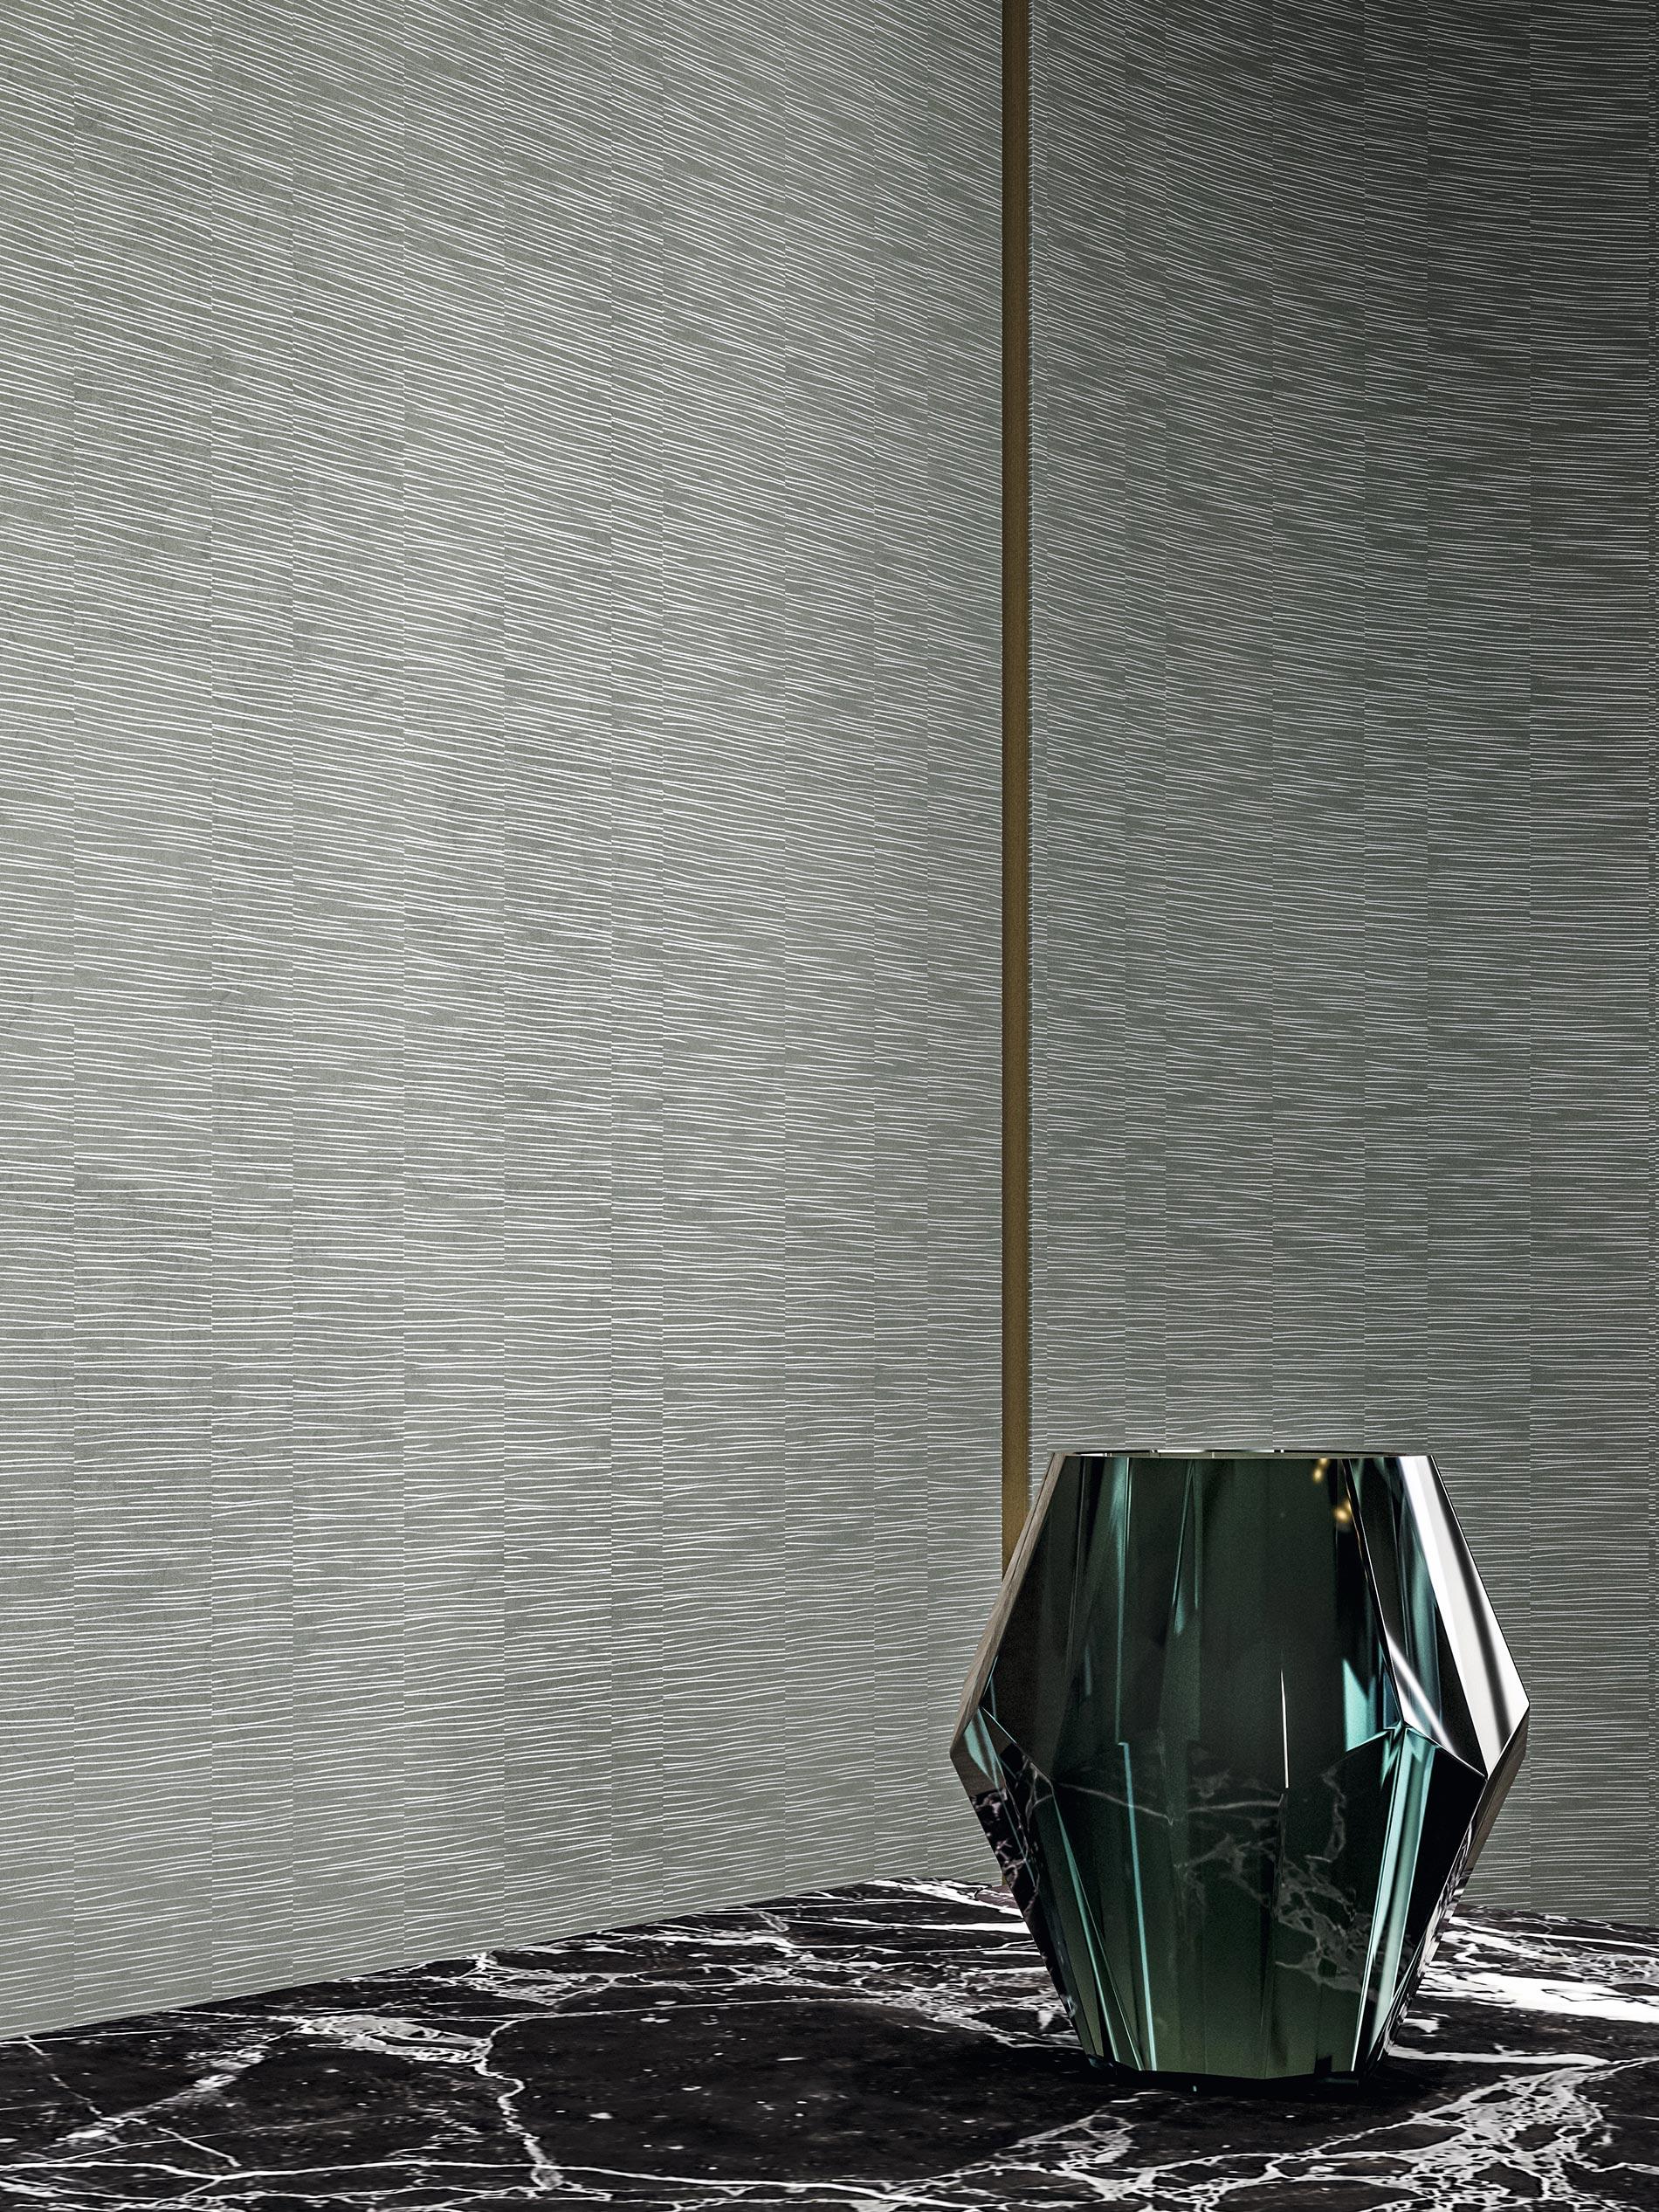 luci di venezia decoratori bassanesi piastrelle con riflessi